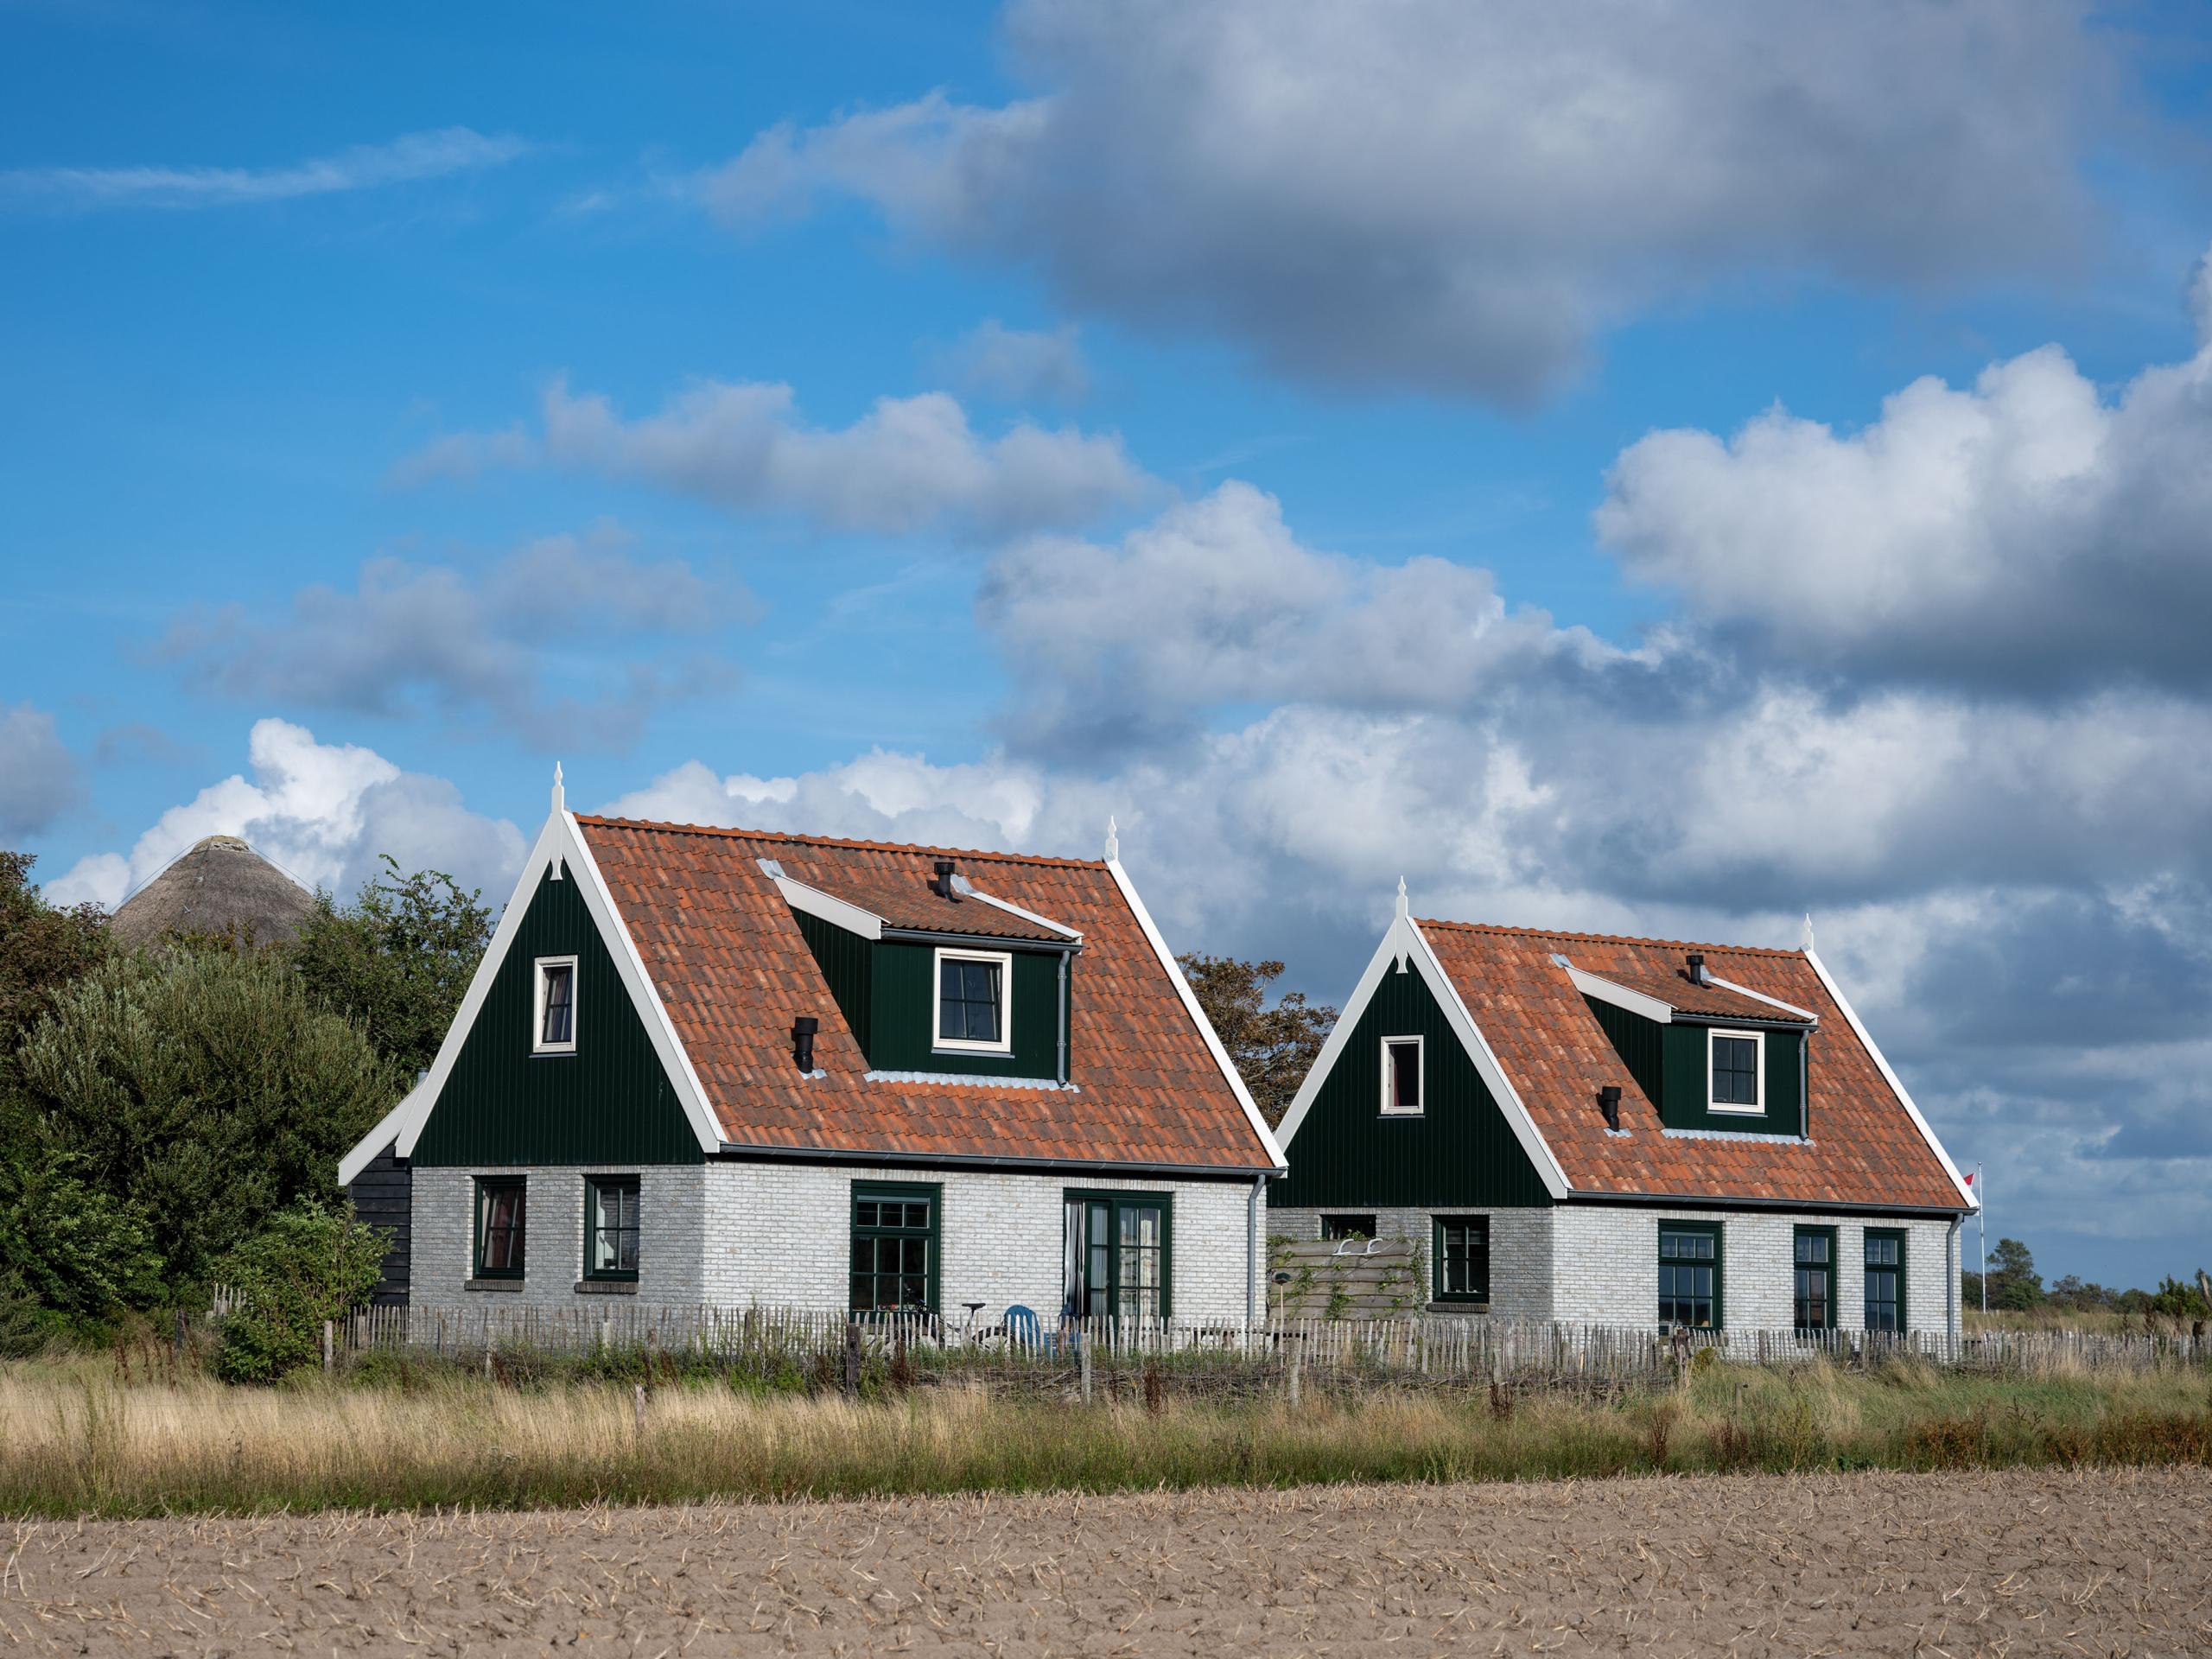 Luxuriöses freistehendes Haus im Texel-Stil, nicht weit von De Waal entfernt